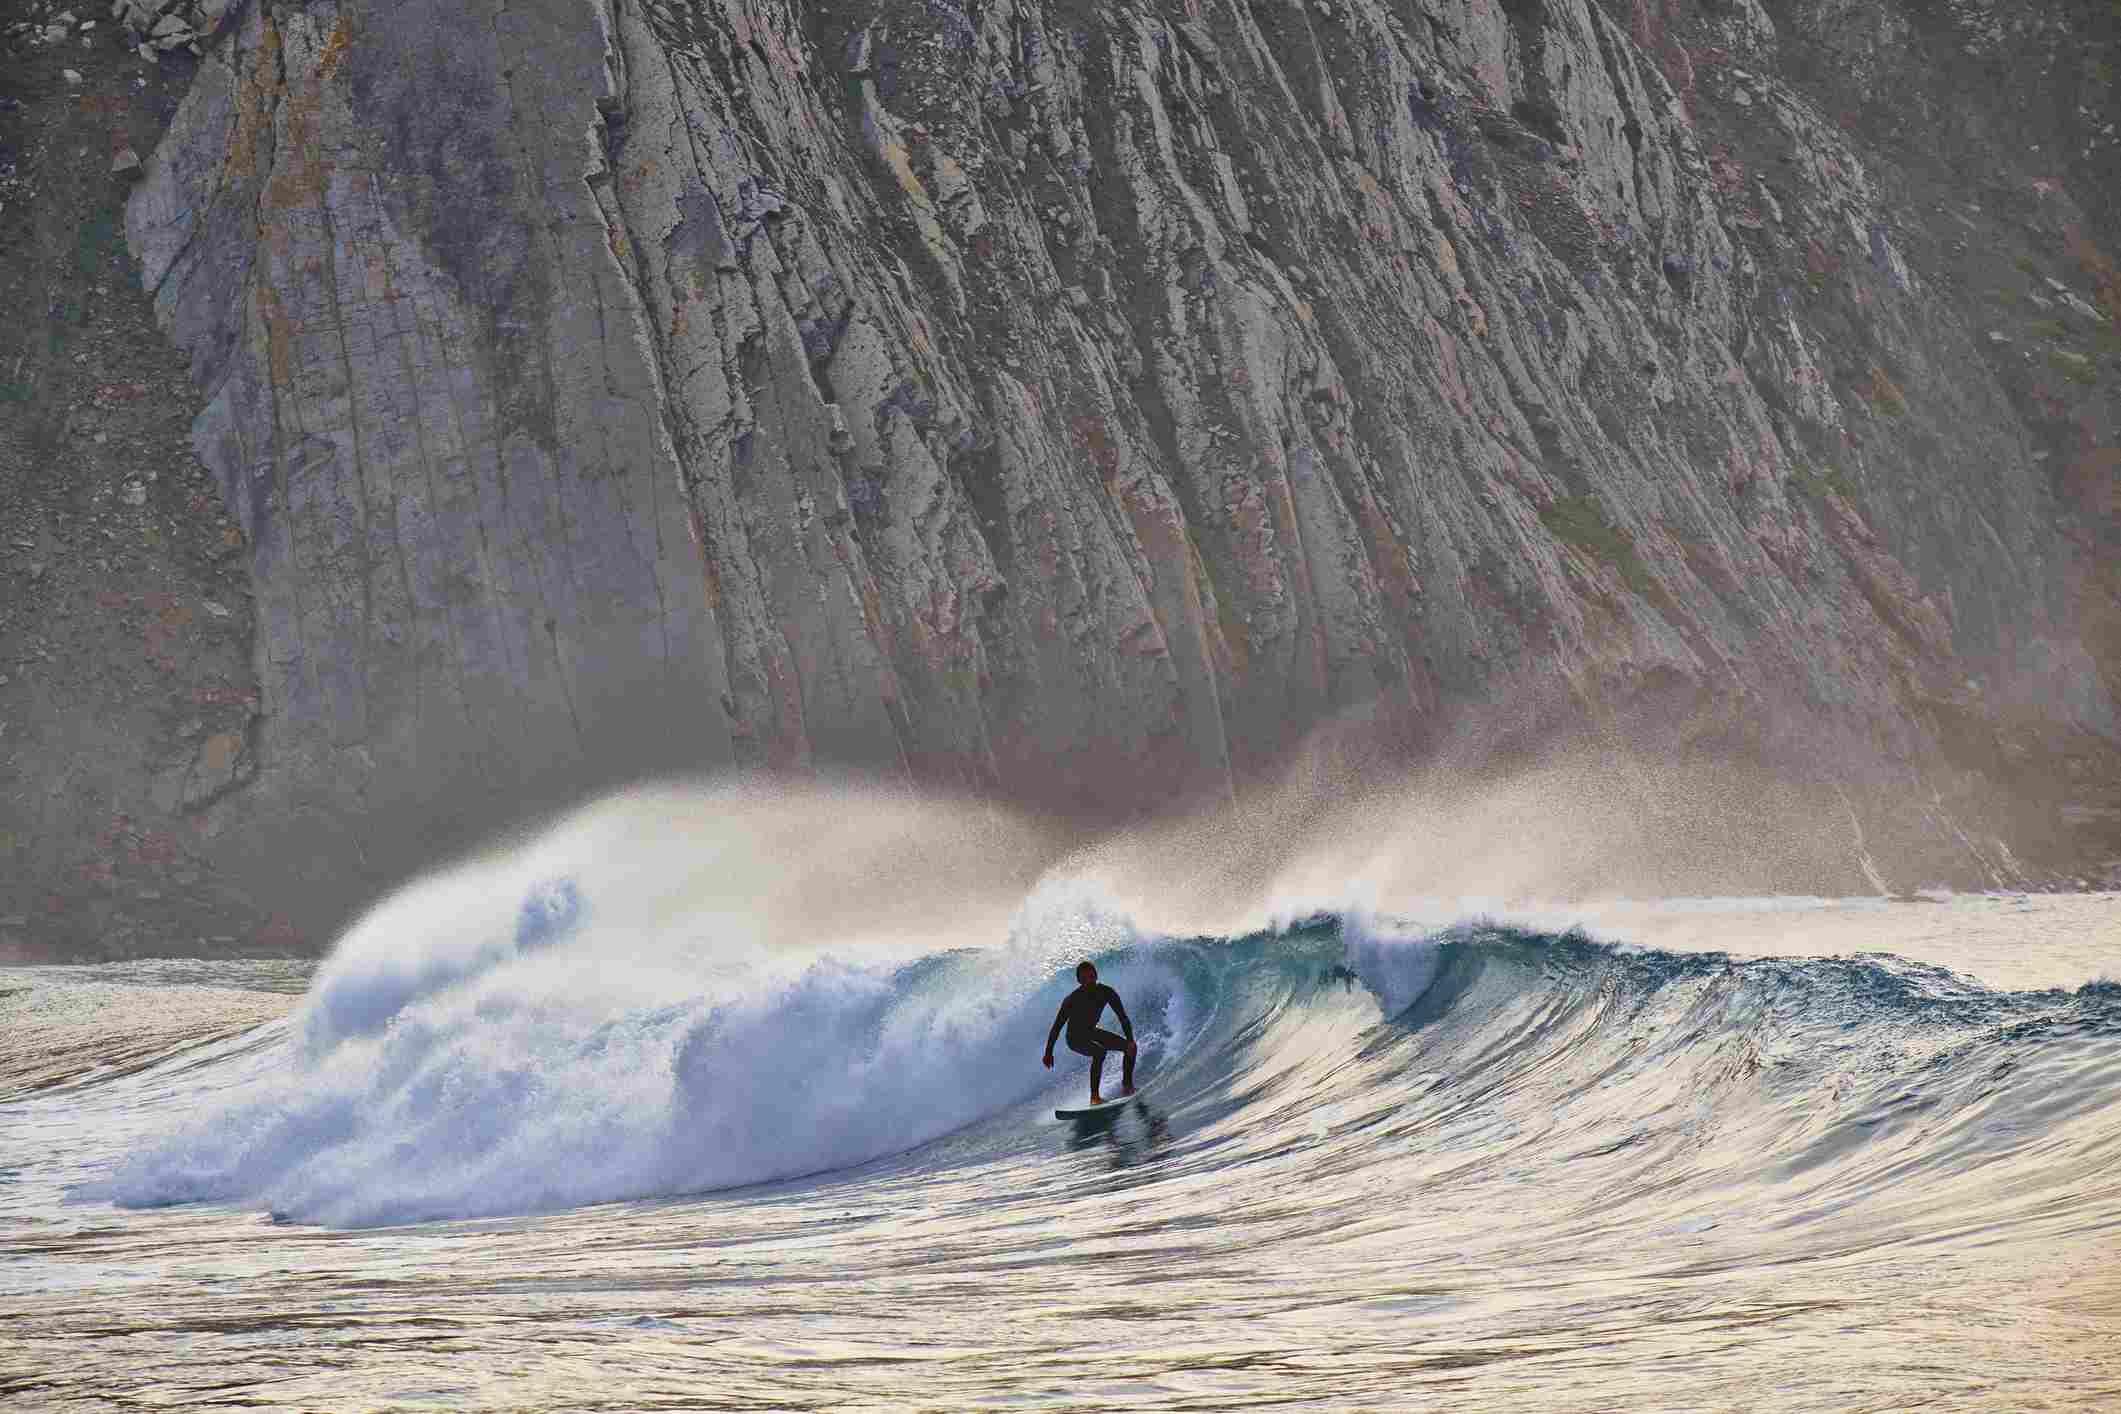 Surfing in Sagres